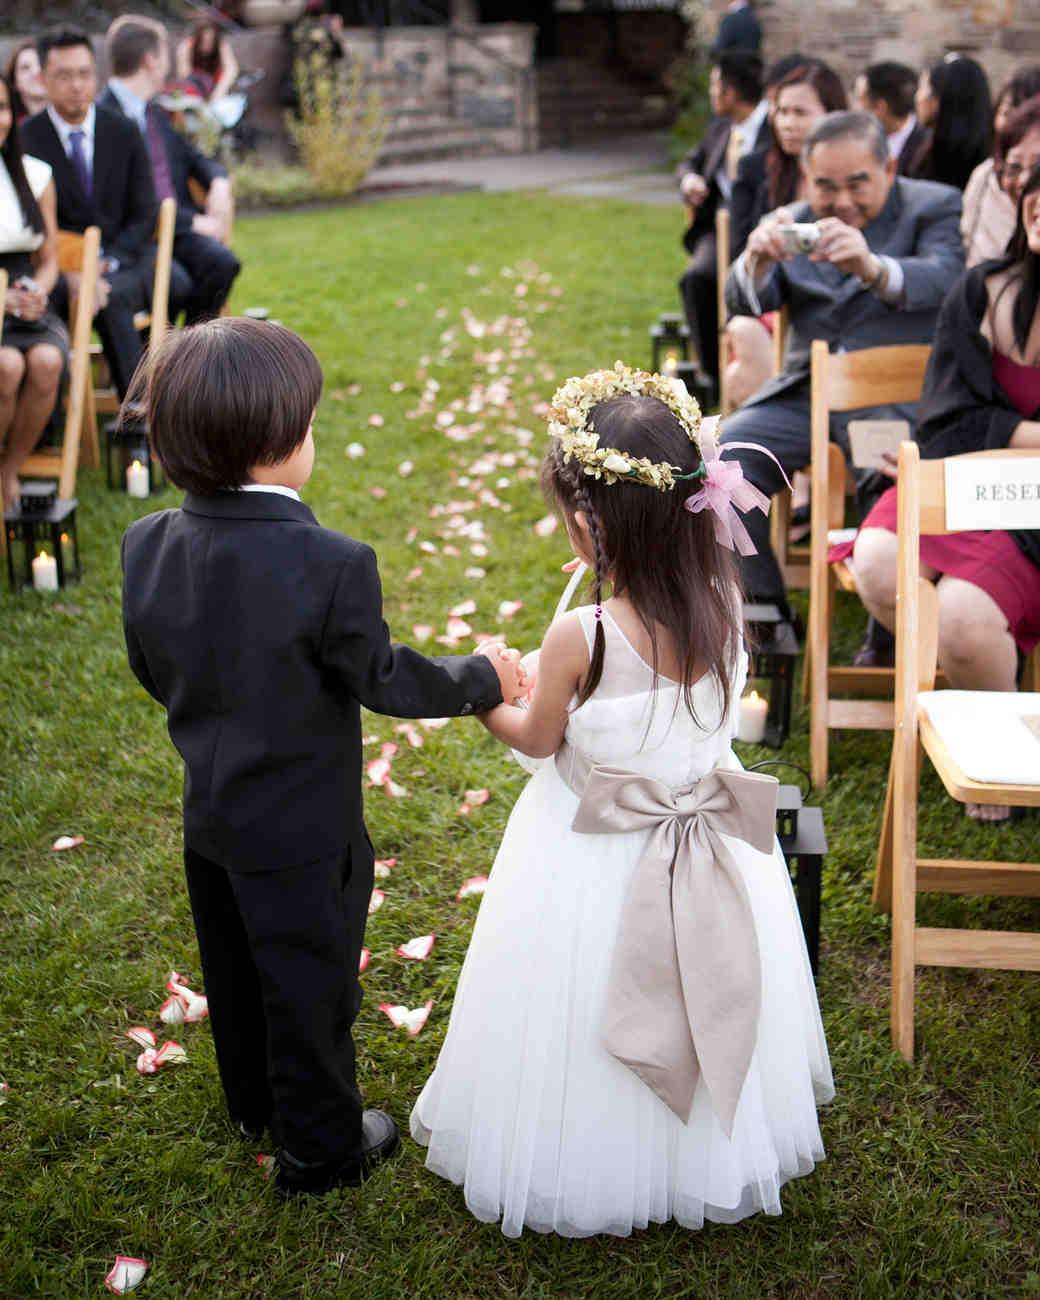 Real Weddings News: Real Wedding: Esther And David, Pocantico Hills, New York